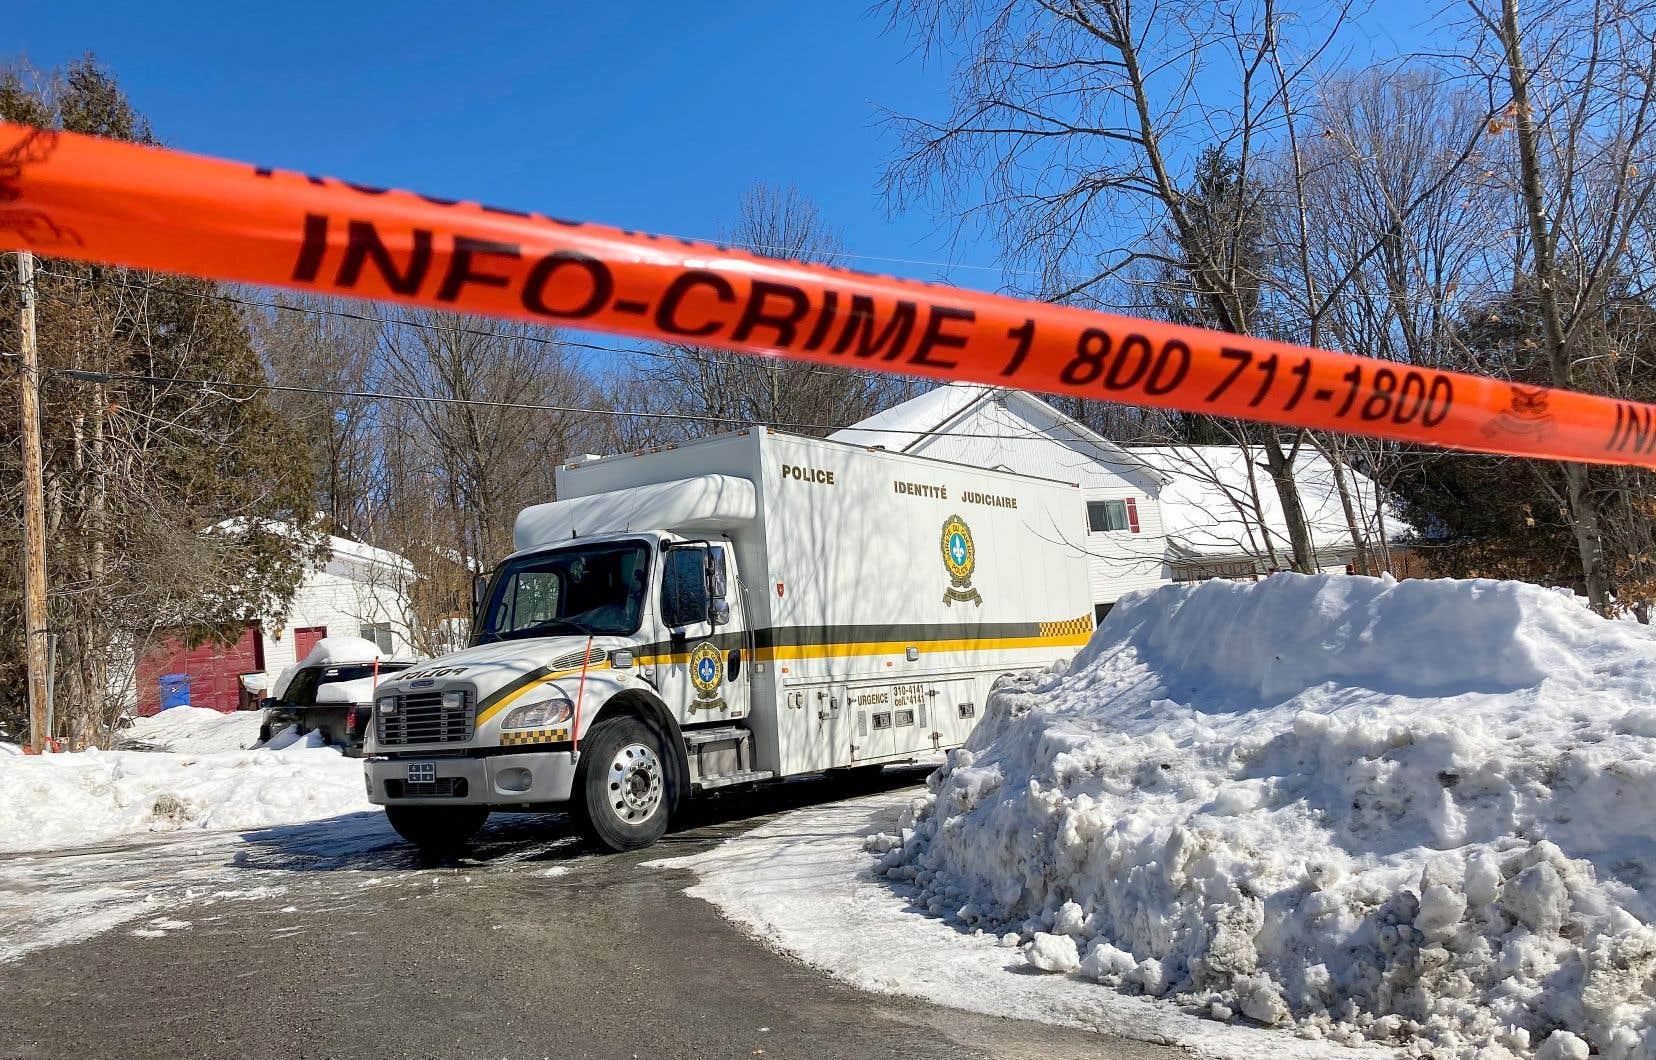 Myriam Dallaire et sa mère ont été retrouvées inanimées vers 21 h 15 lundi dans leur maison située rue Samson, à la suite d'un appel au 911.